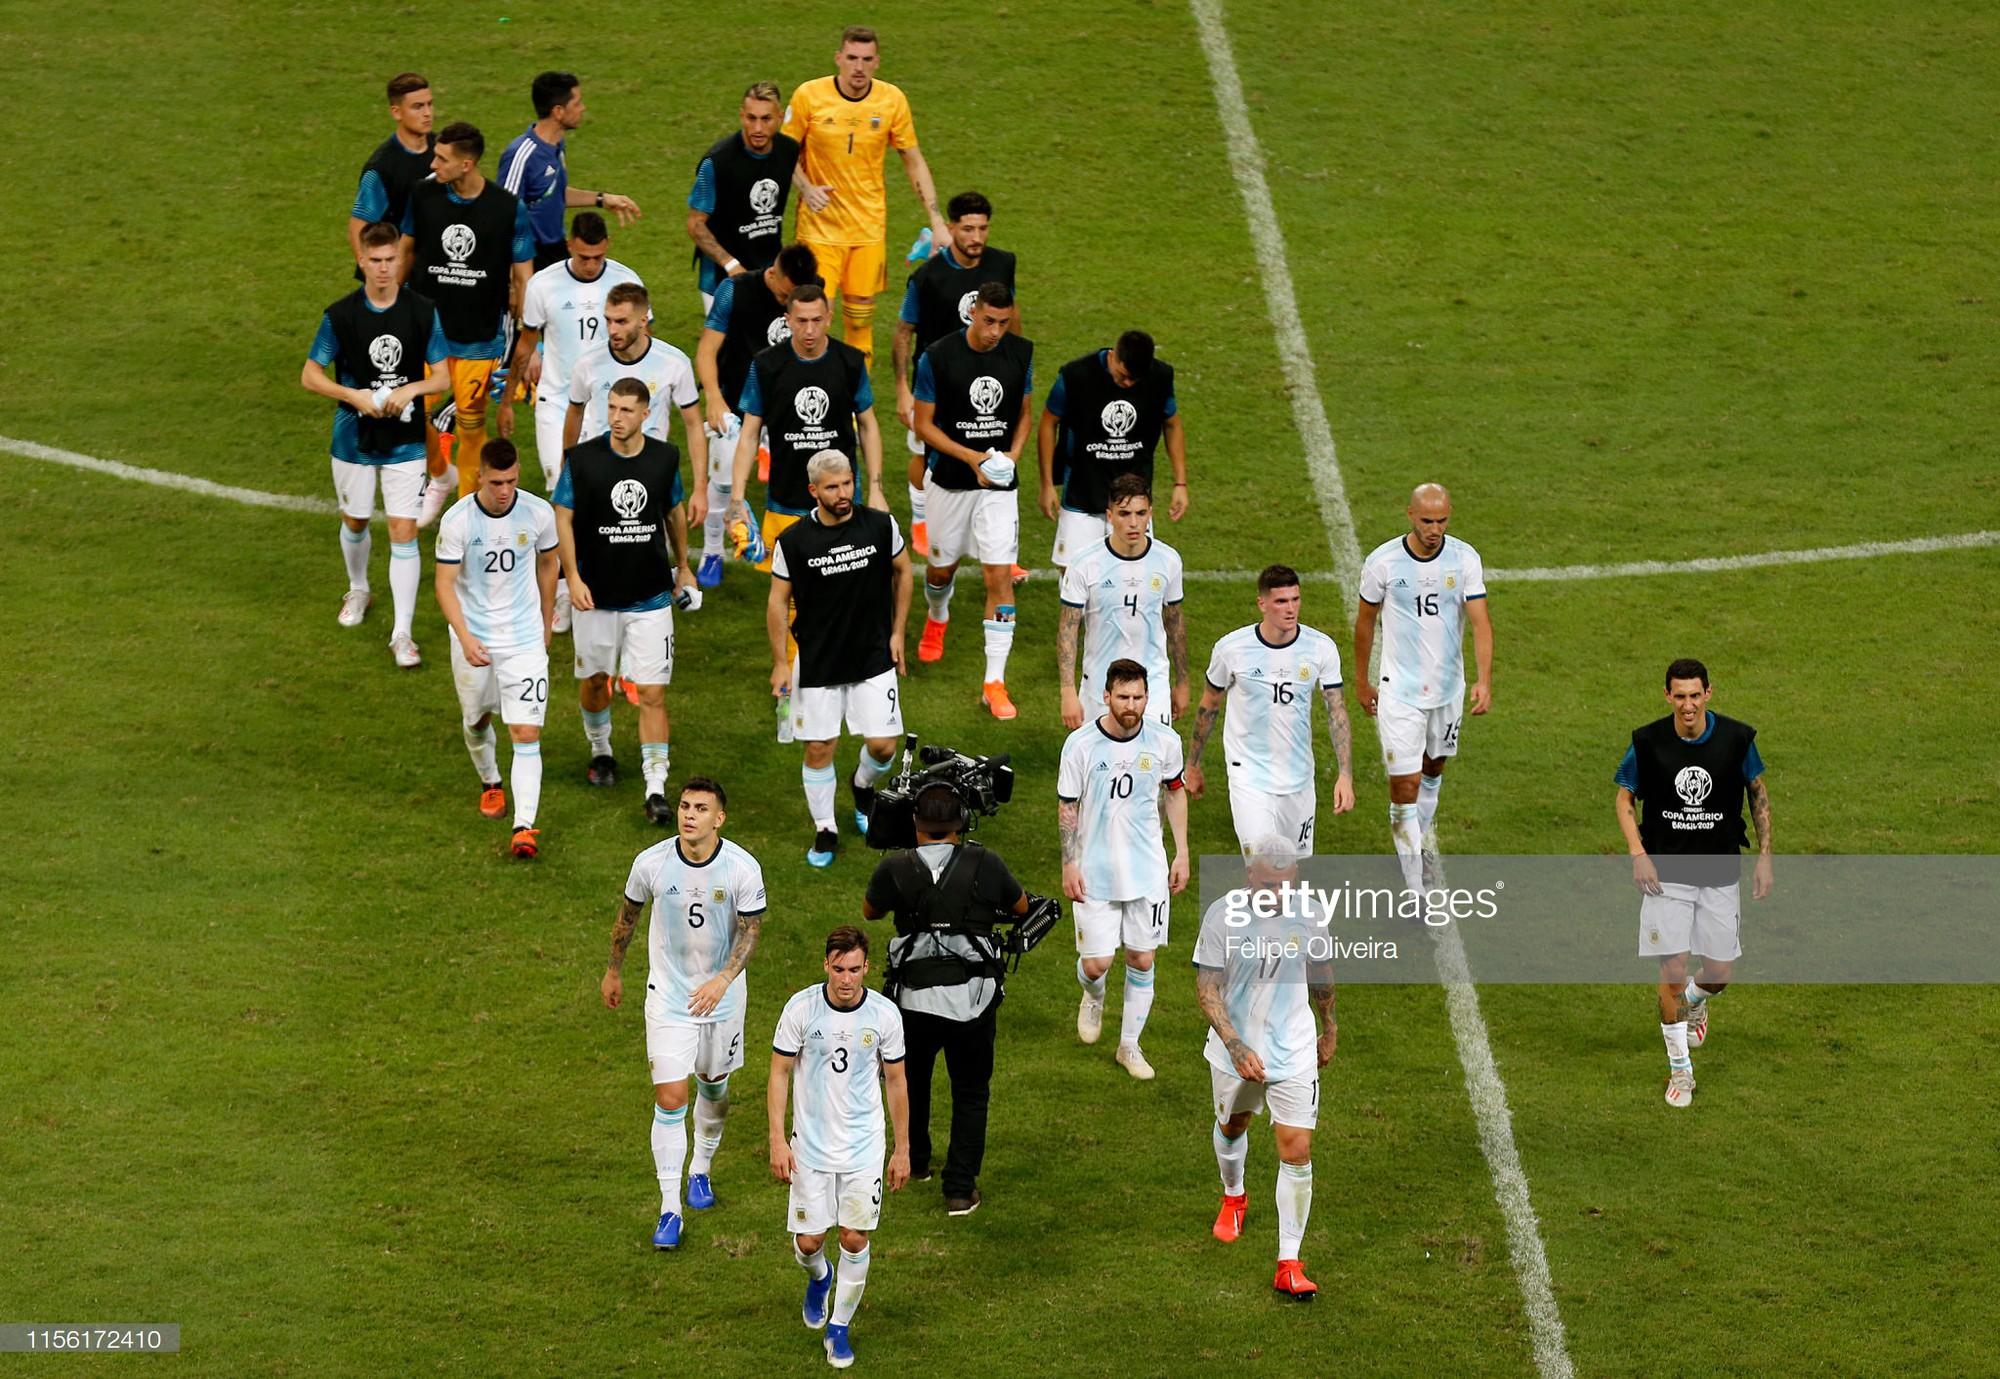 Messi mờ nhạt, Argentina nhận thất bại tủi hổ ở trận ra quân Copa America - Ảnh 8.